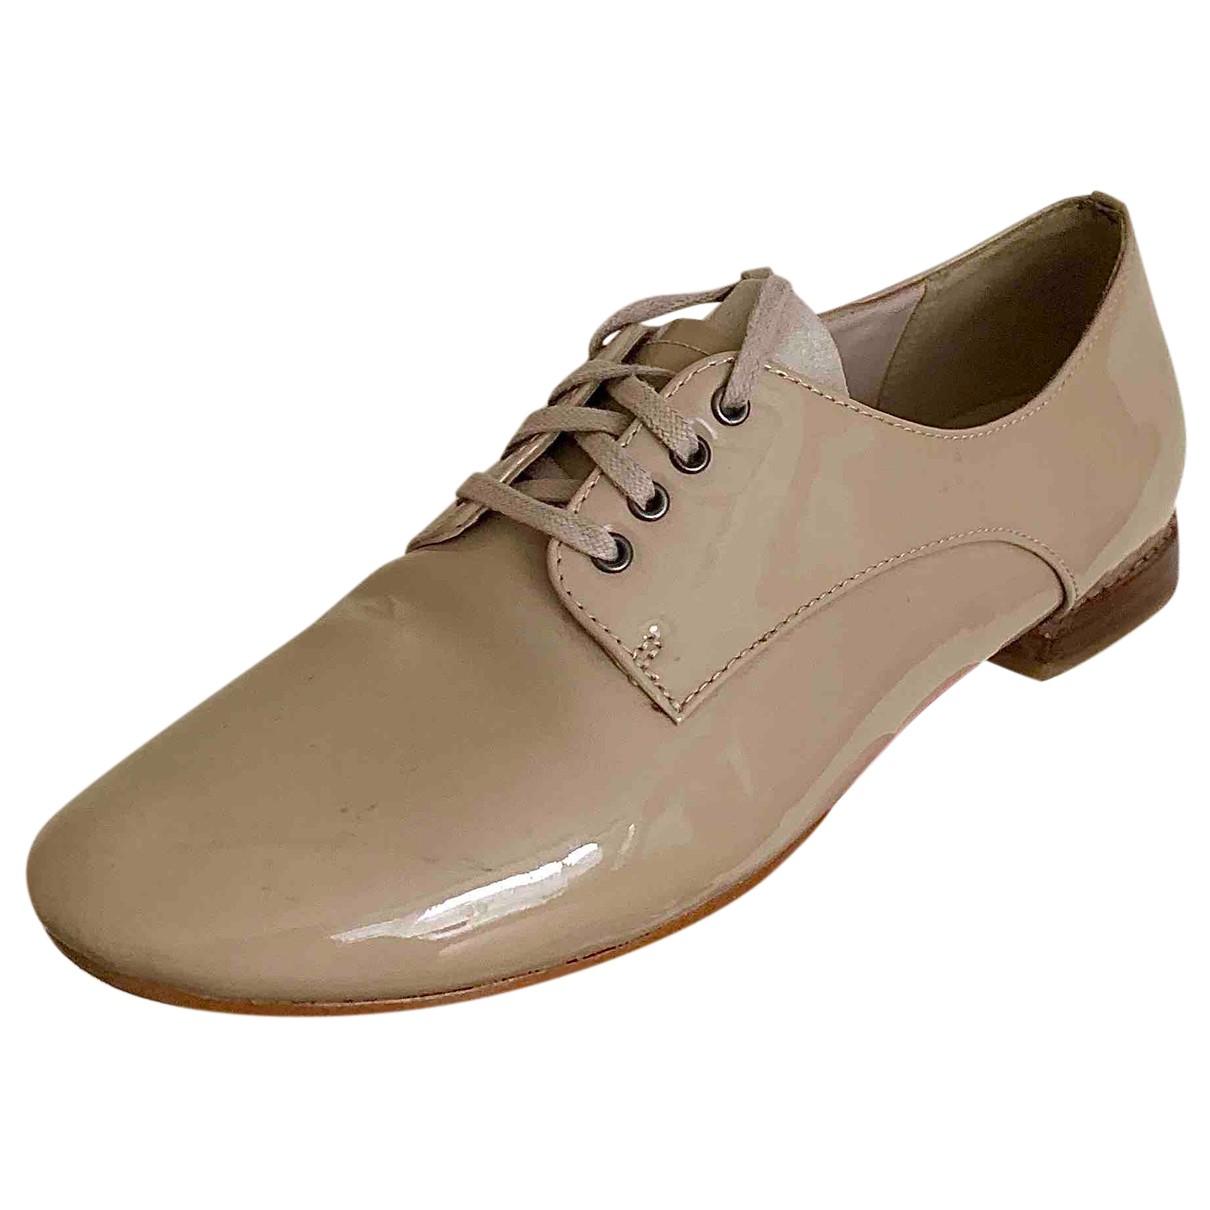 Clarks N Beige Leather Flats for Women 38 EU